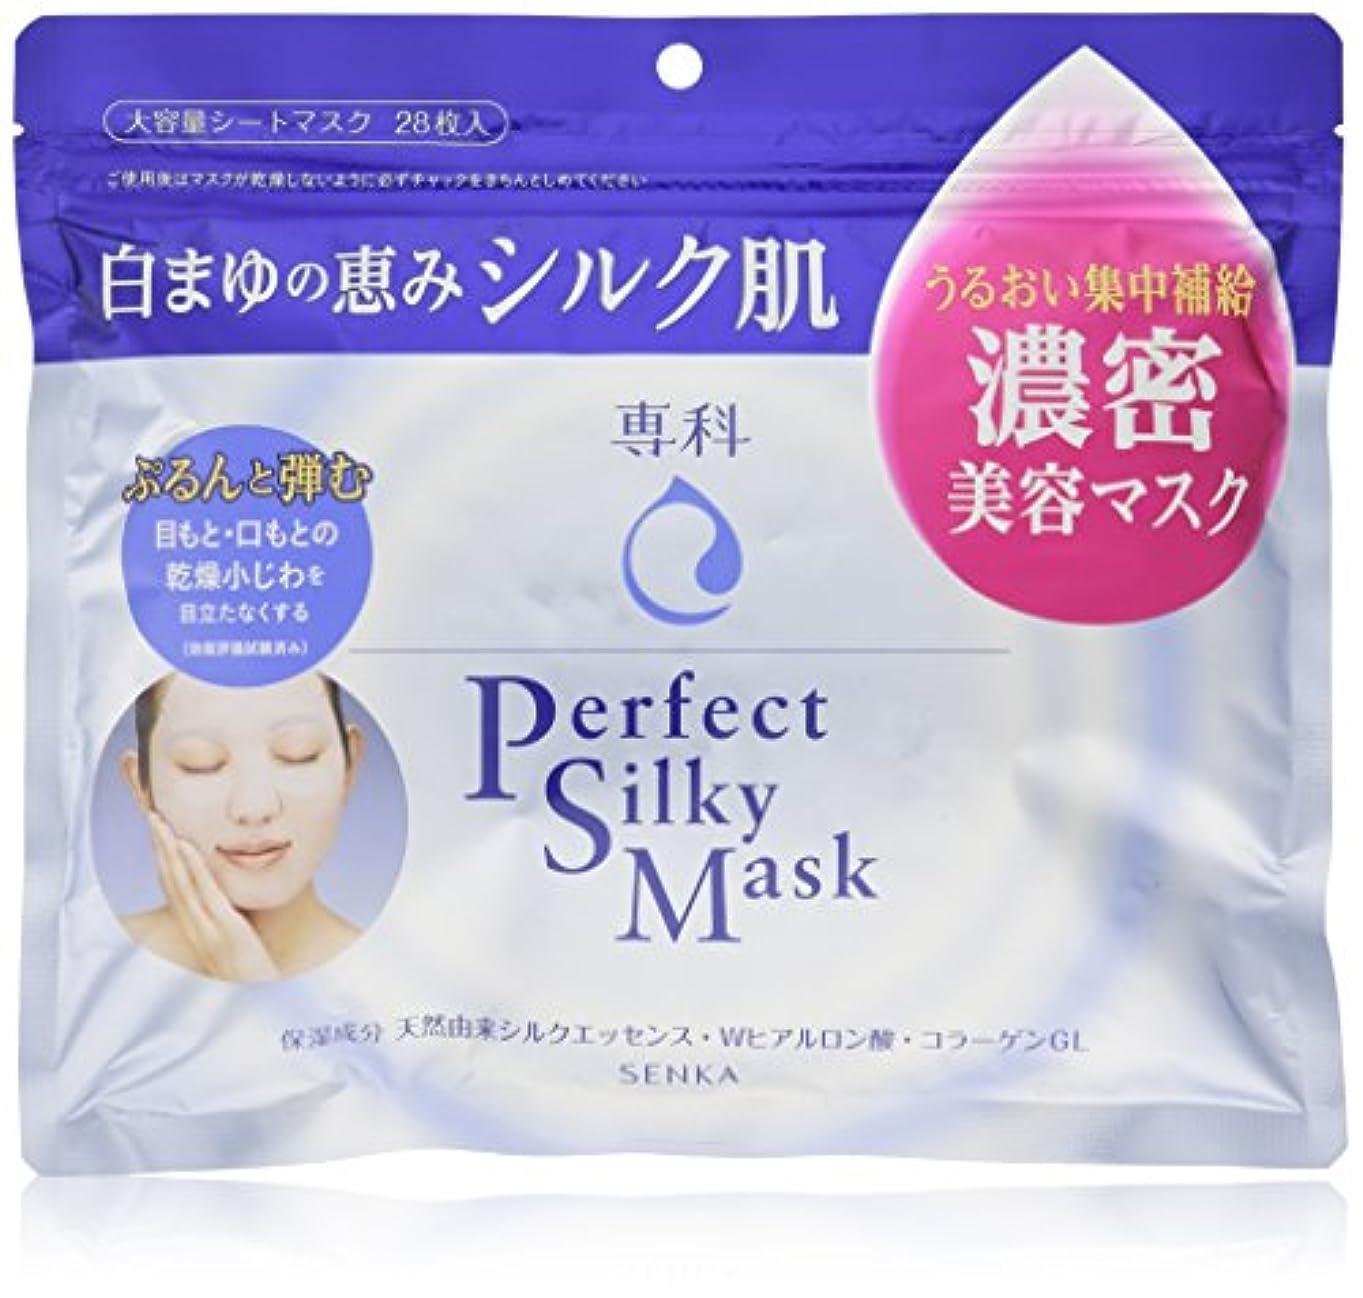 第二に愛撫主張専科 パーフェクトシルキーマスク シート状 美容マスク 28枚